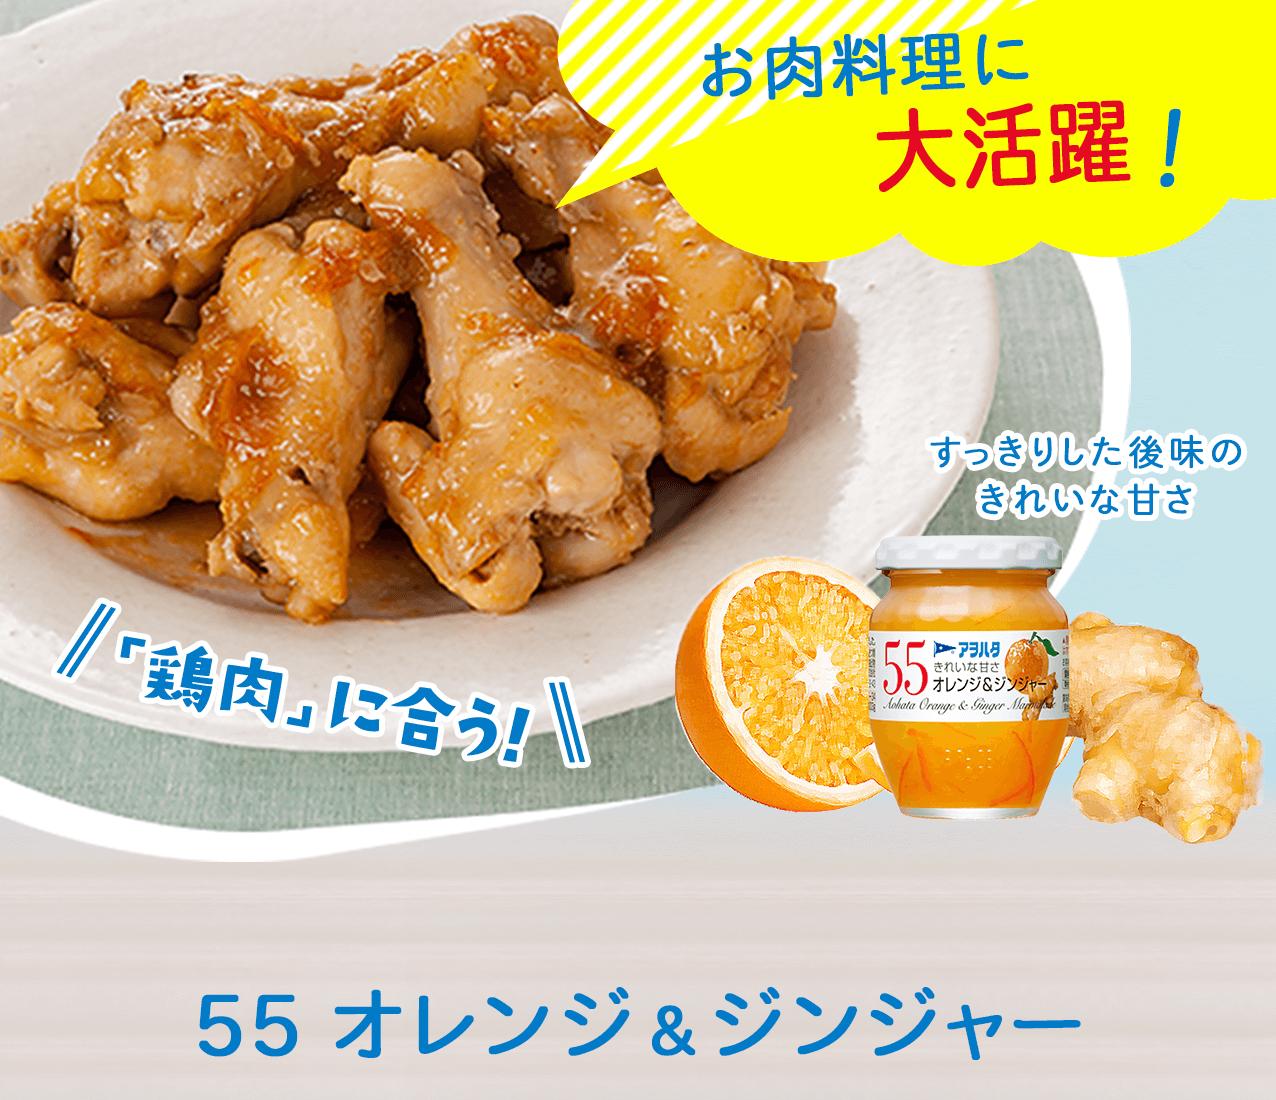 お肉料理に大活躍! 55 オレンジ&ジンジャー 「鶏肉」に合う!